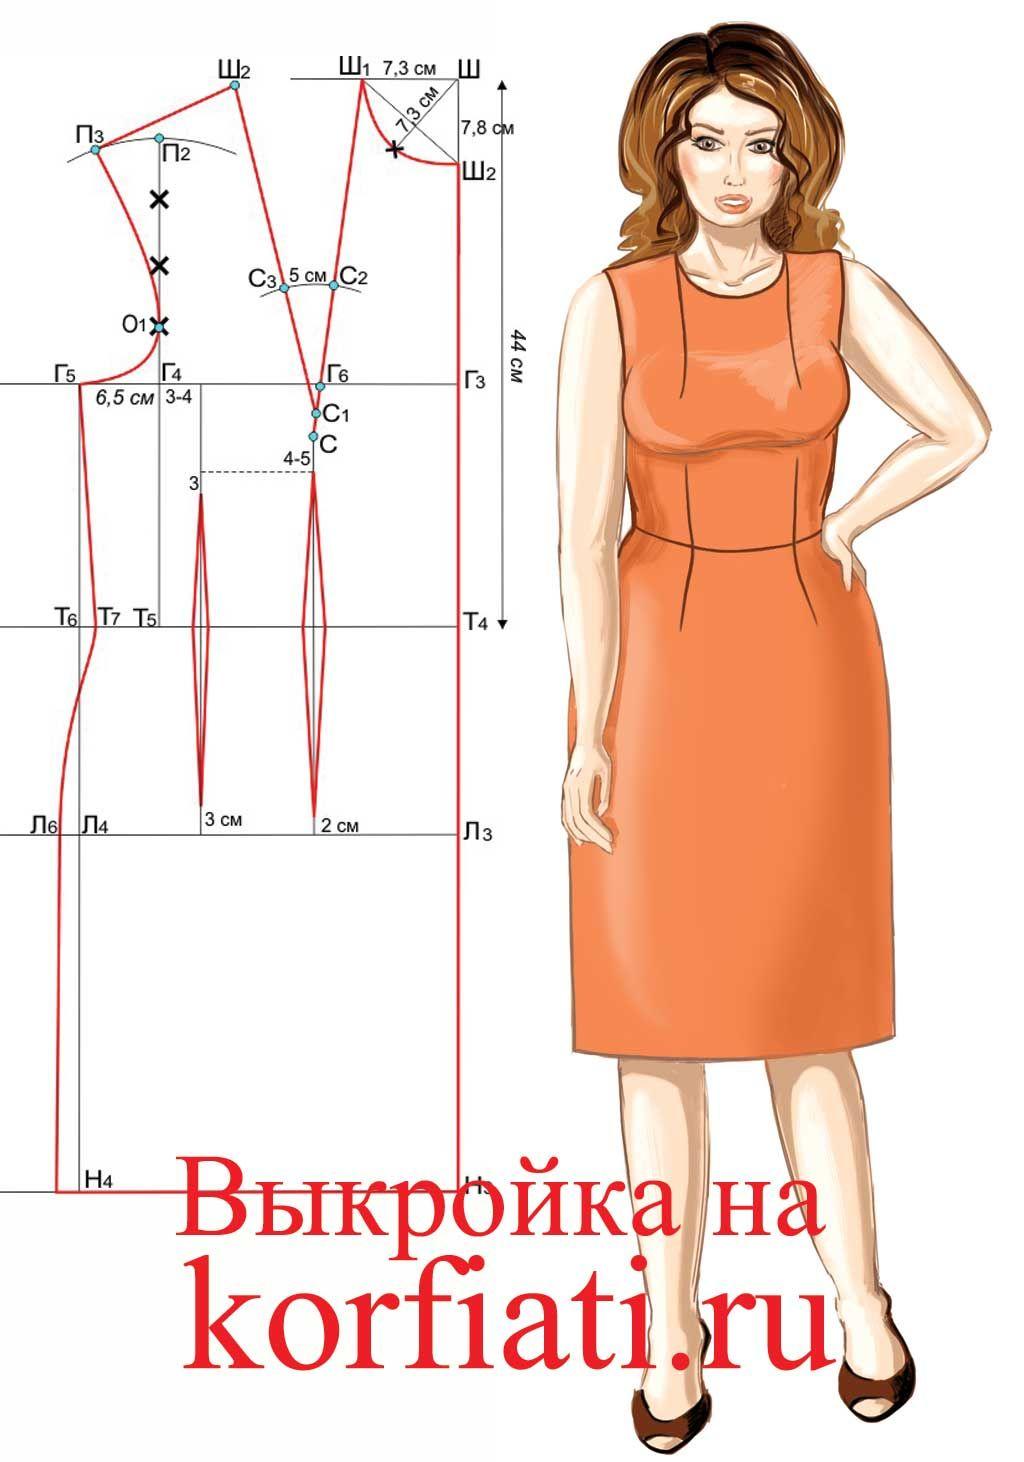 Выкройки платьев для полных женщин вечерние